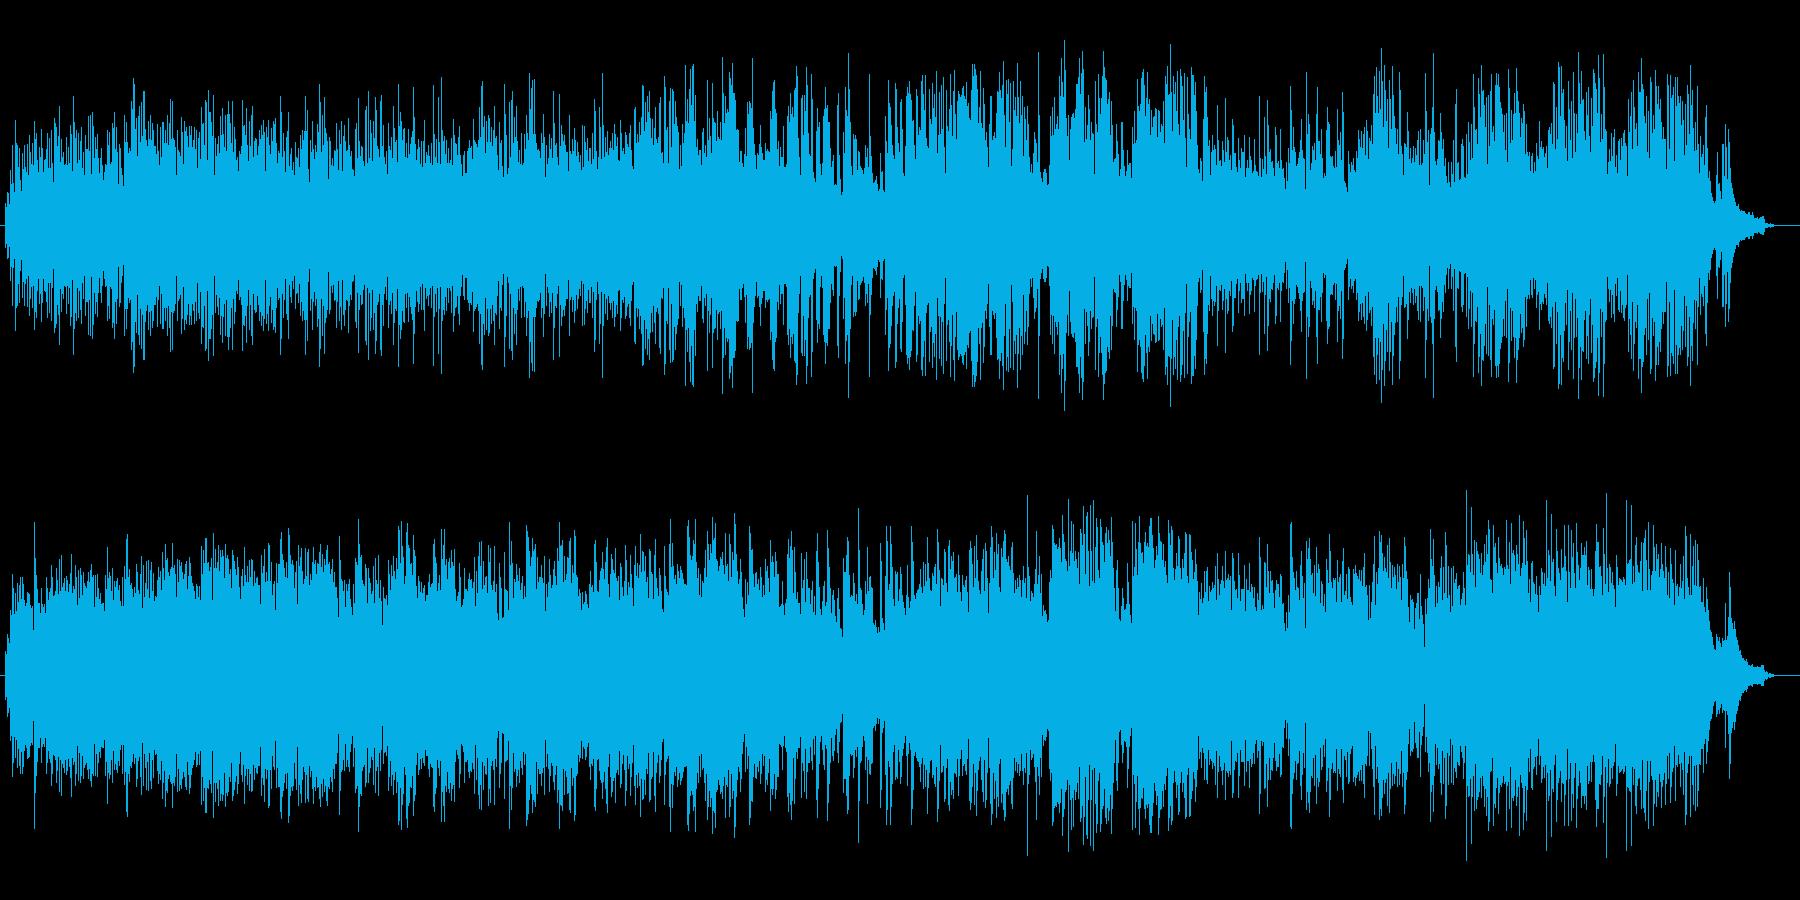 暗く哀愁漂うピアノ曲の再生済みの波形